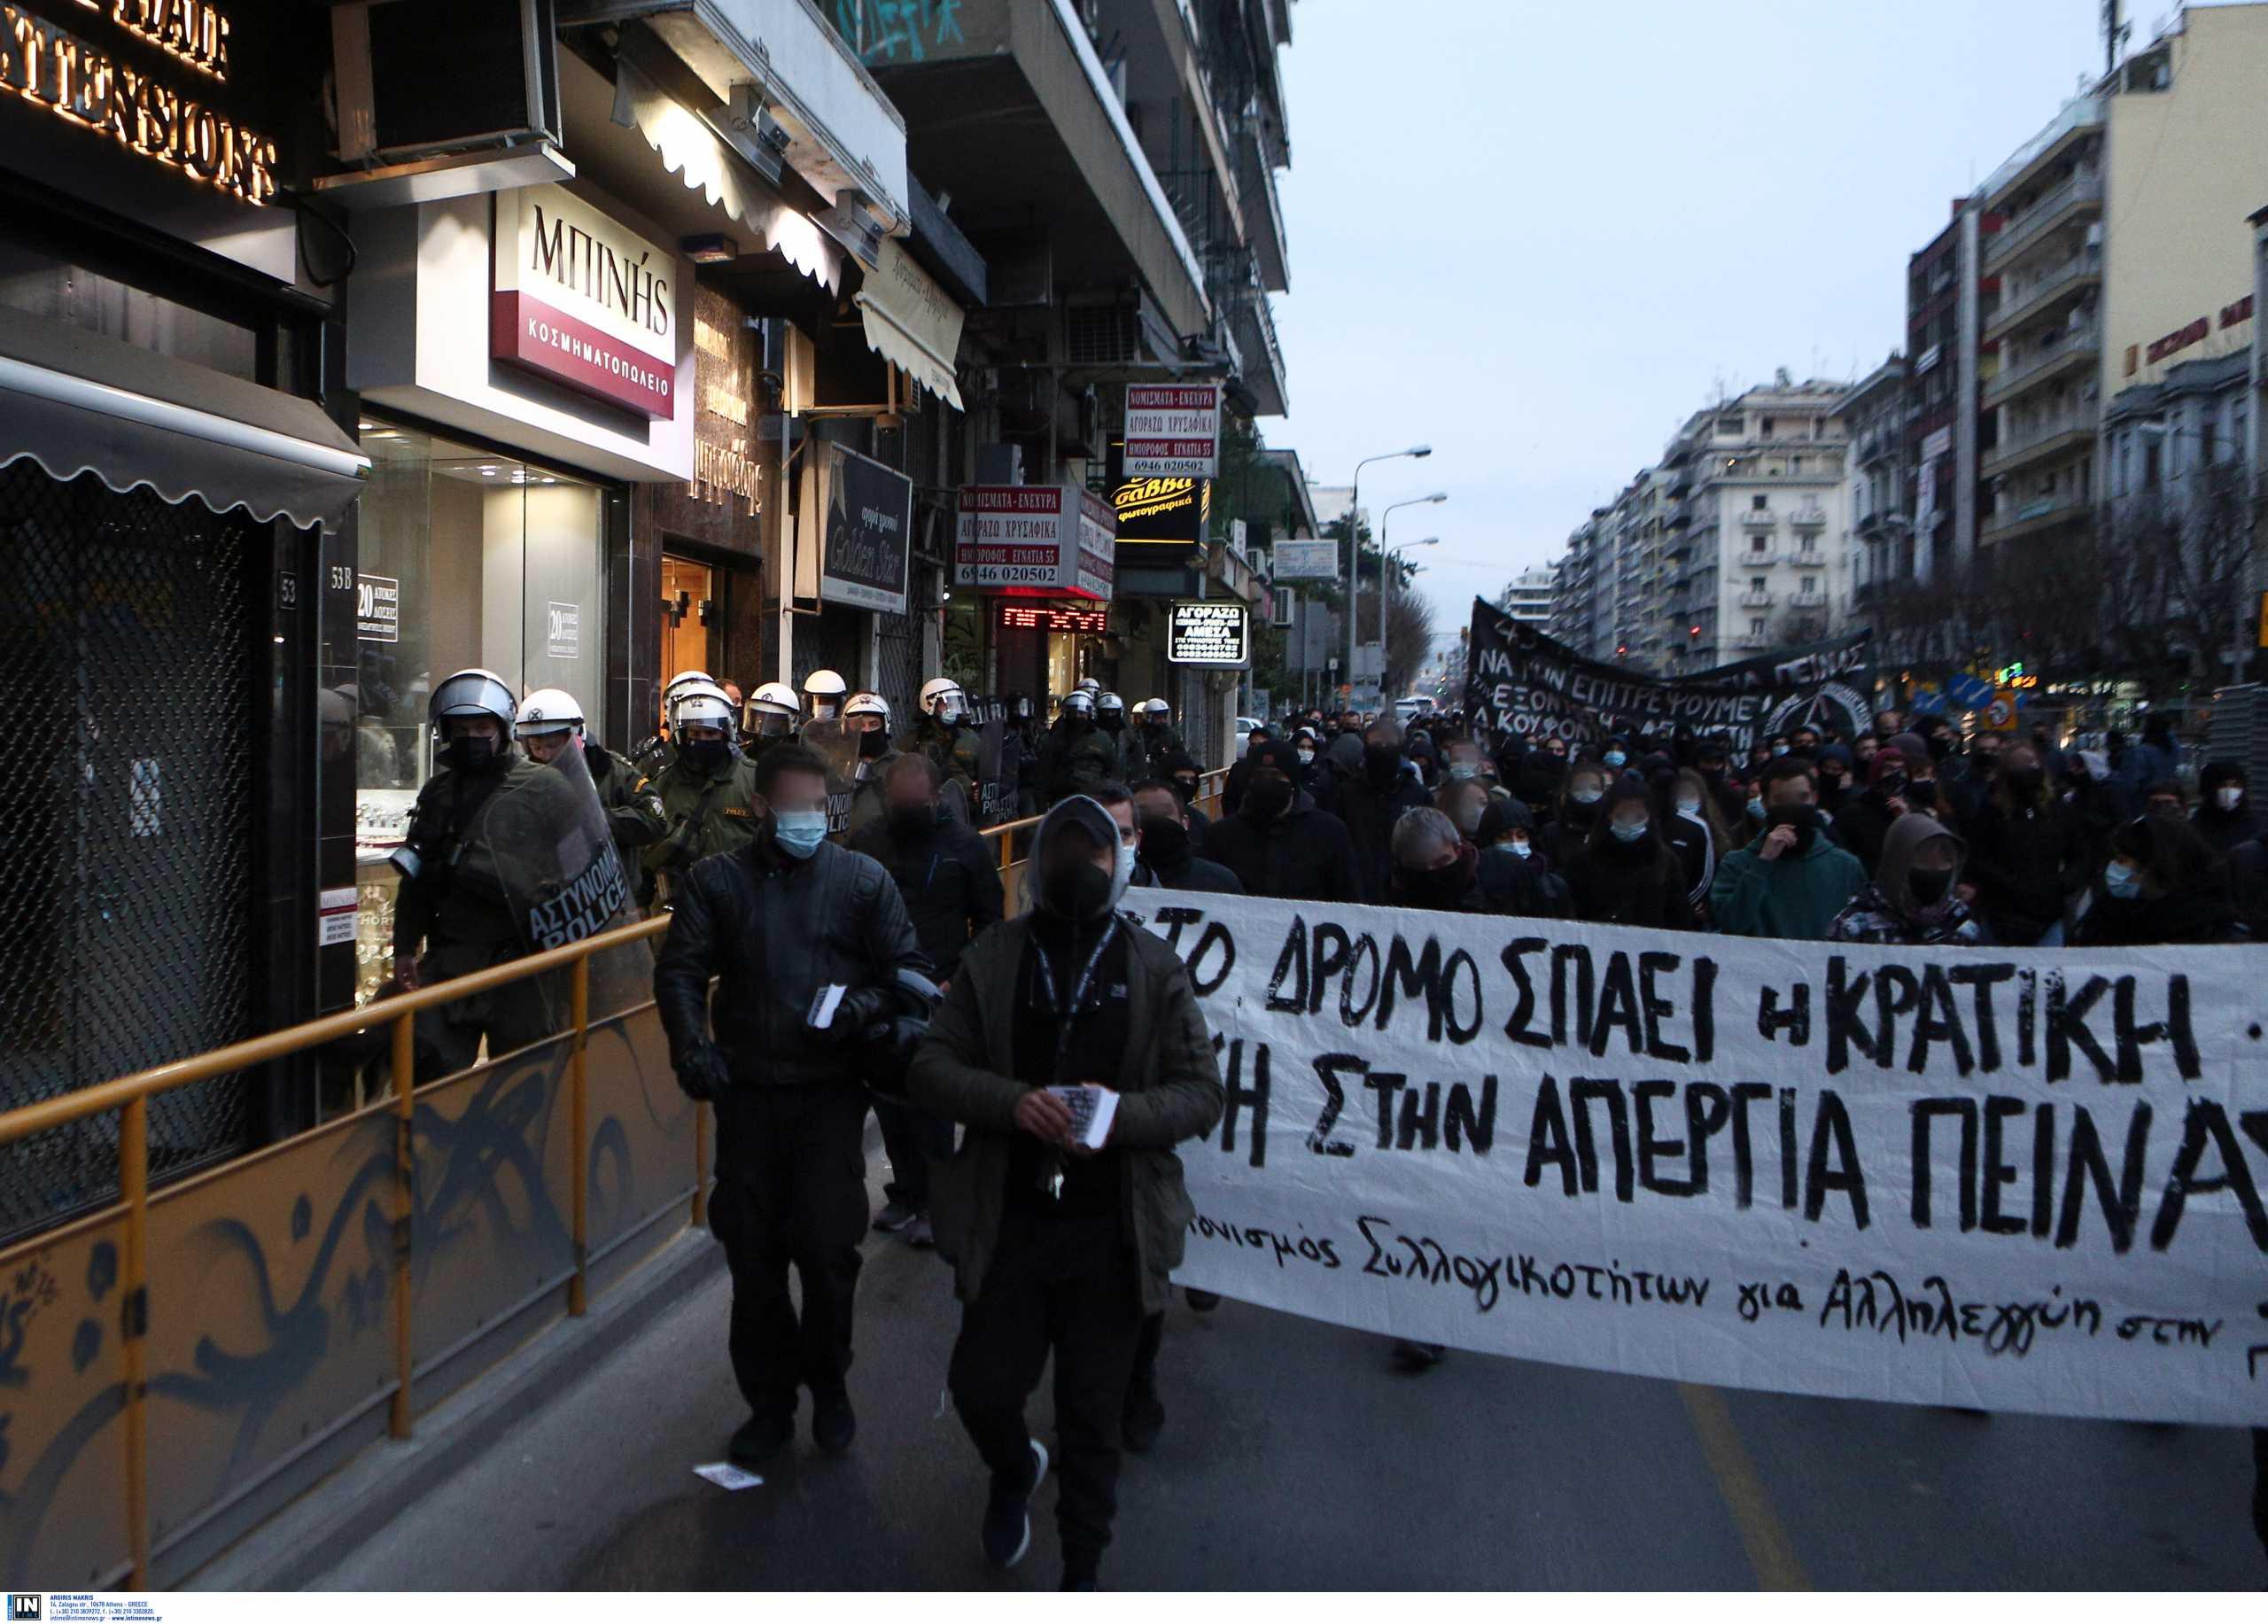 Θεσσαλονίκη: Συγκέντρωση συμπαράστασης στον Ισπανό ράπερ Πάμπλο Χασέλ (pics)